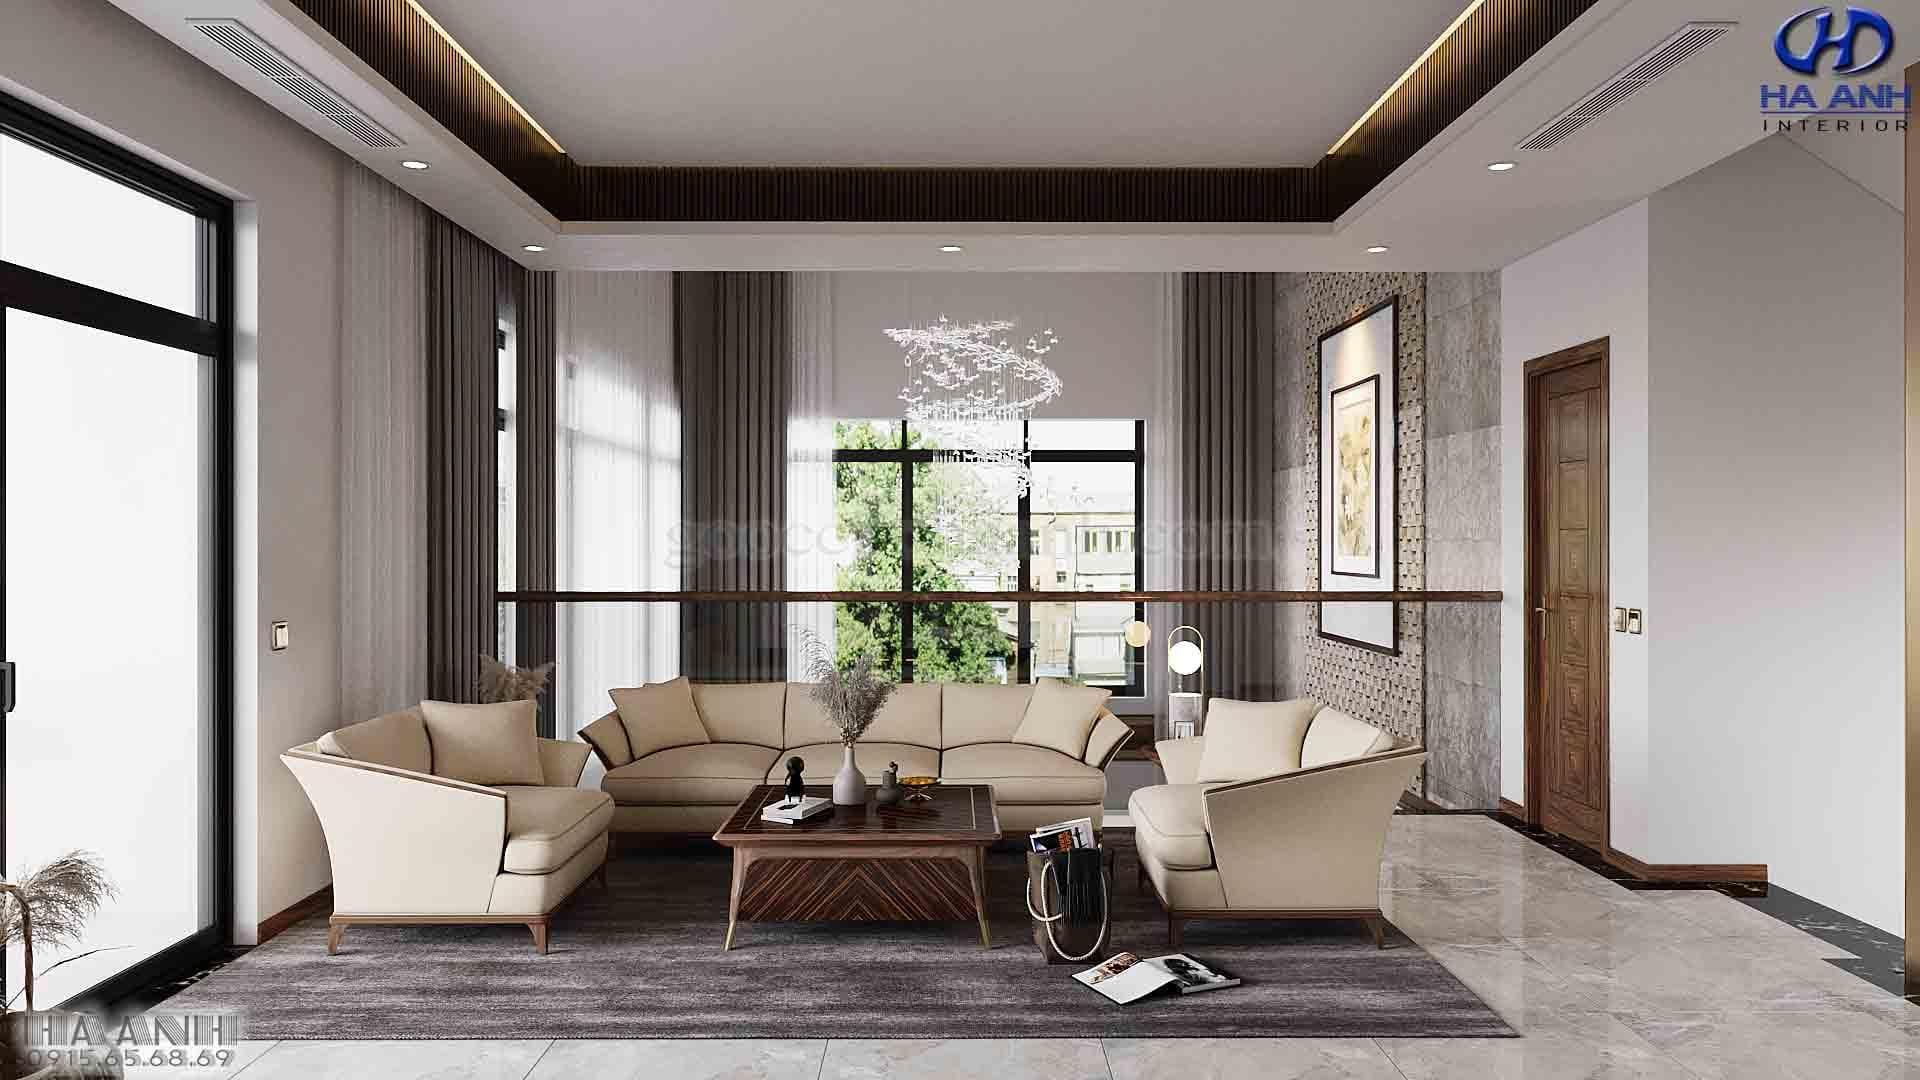 Mẫu Sofa Hiện Đại CHo Không Gian Phòng Khách